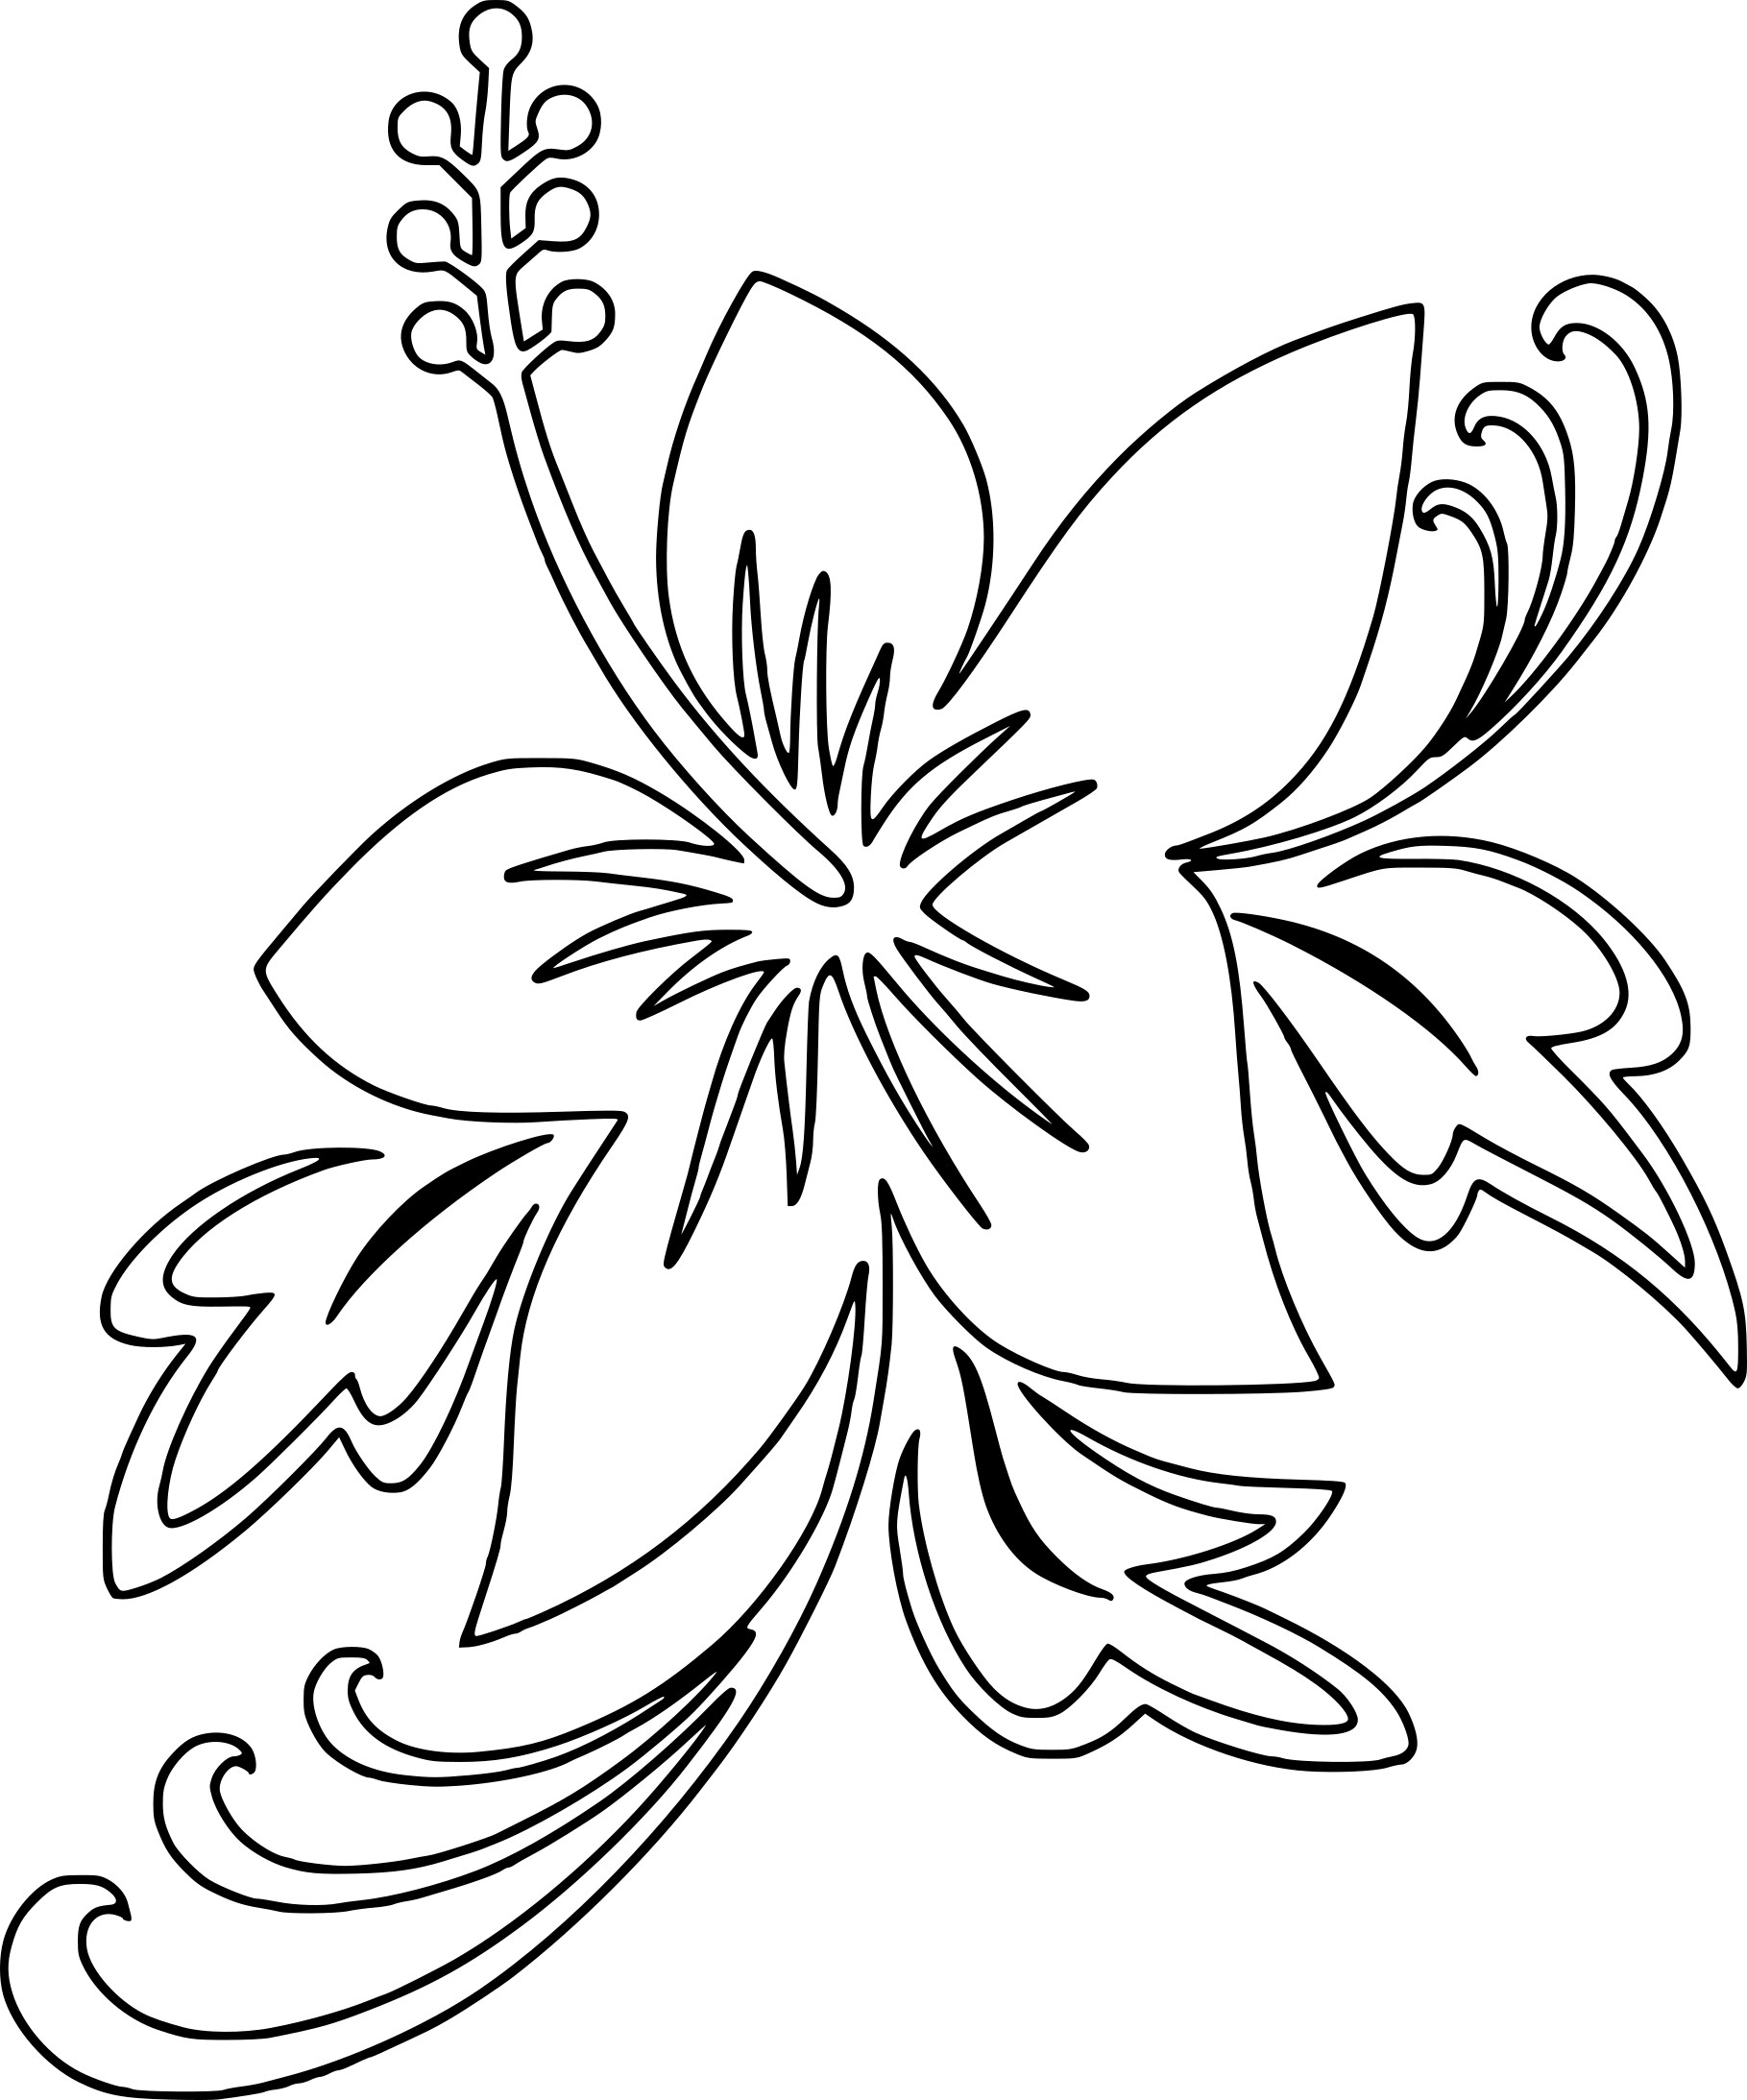 Coloriage Fleur D'été À Imprimer Sur Coloriages avec Dessin A Colorier De Fleur